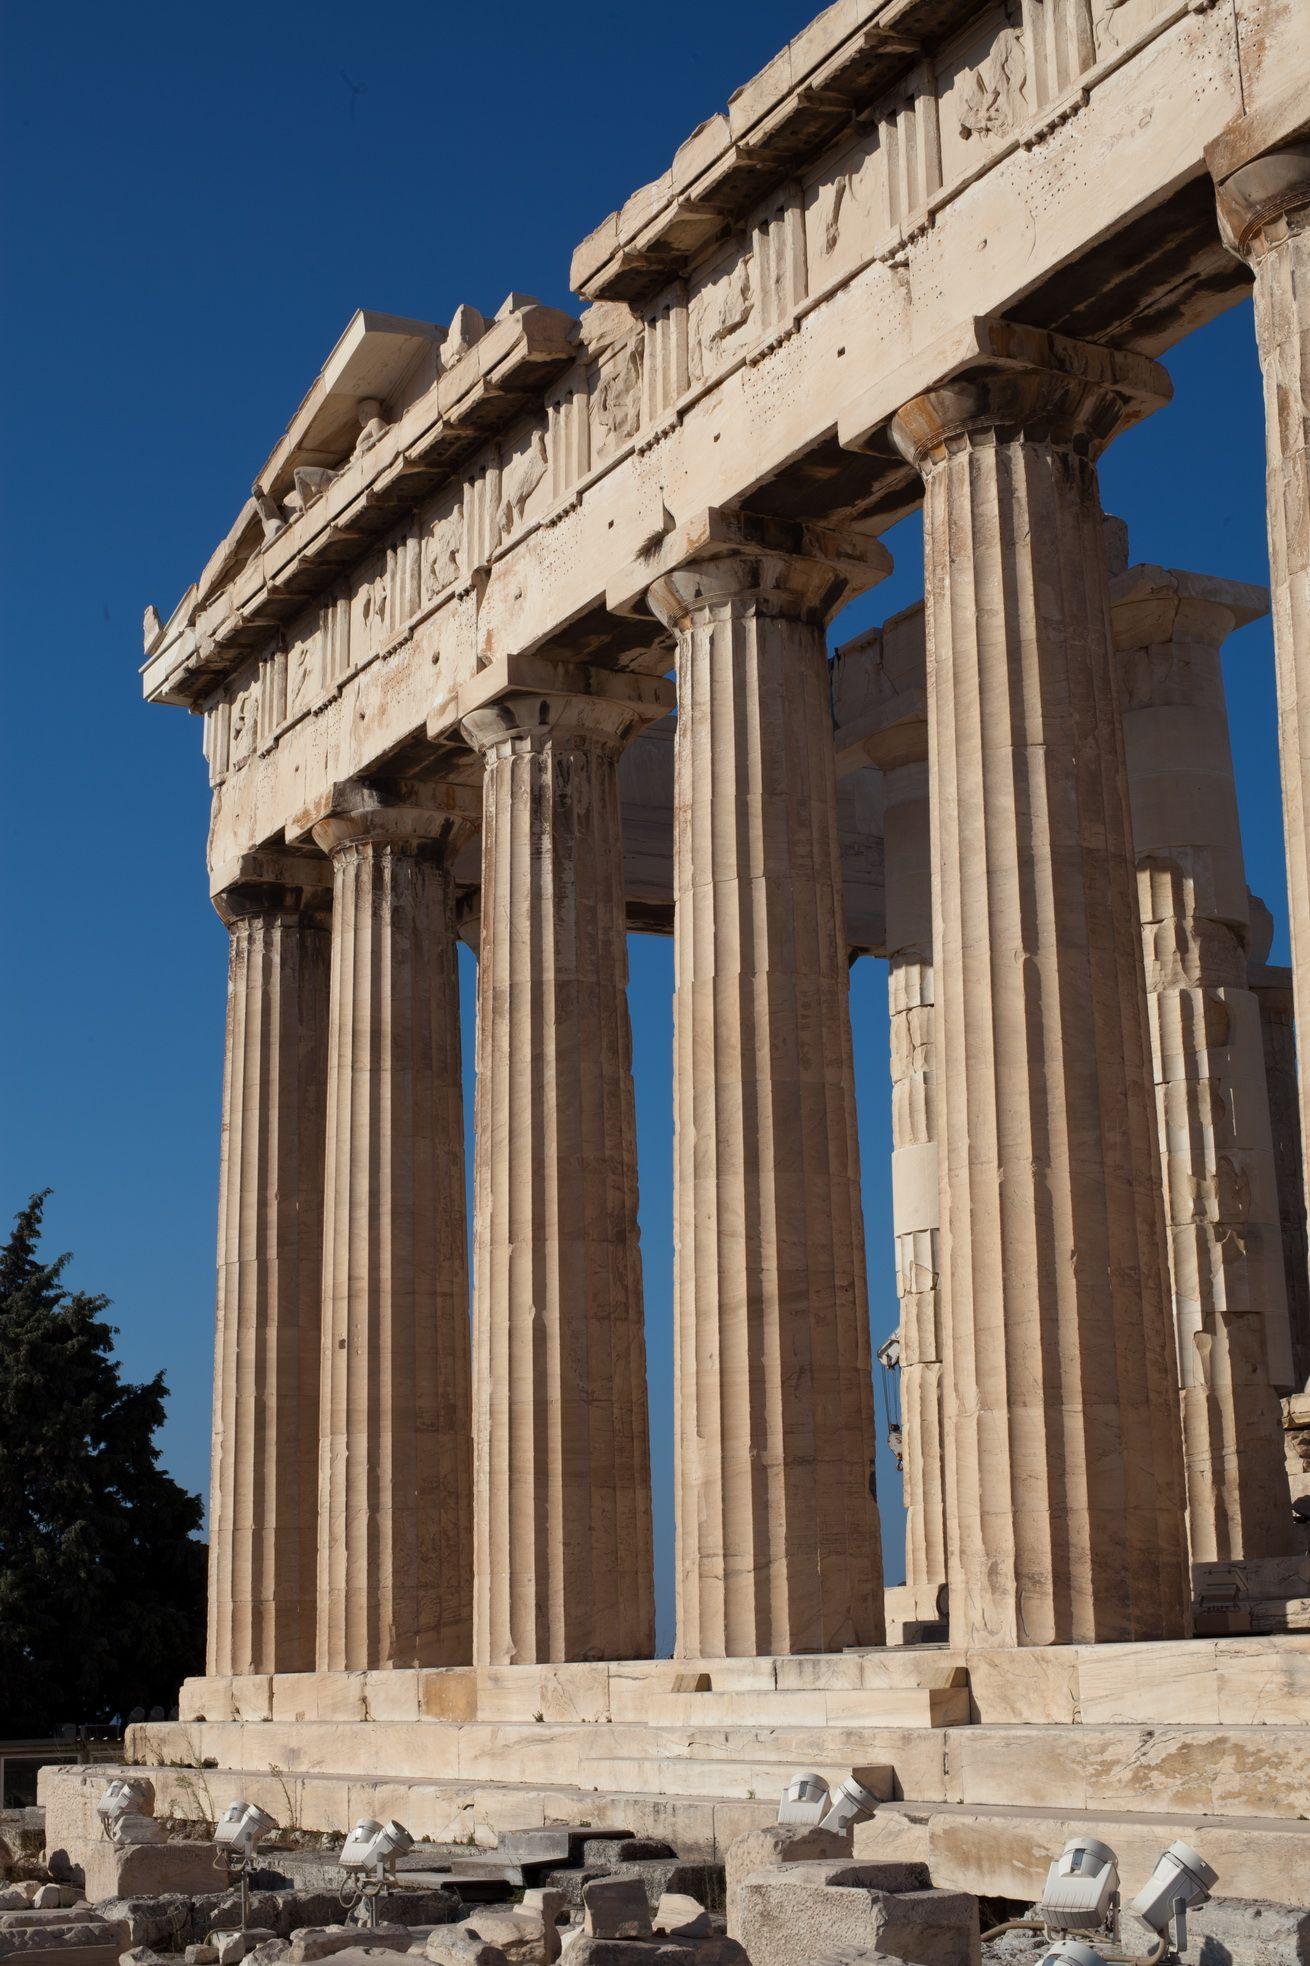 Site 01 Parthenon Columns Or Pillars Acropolis Athens